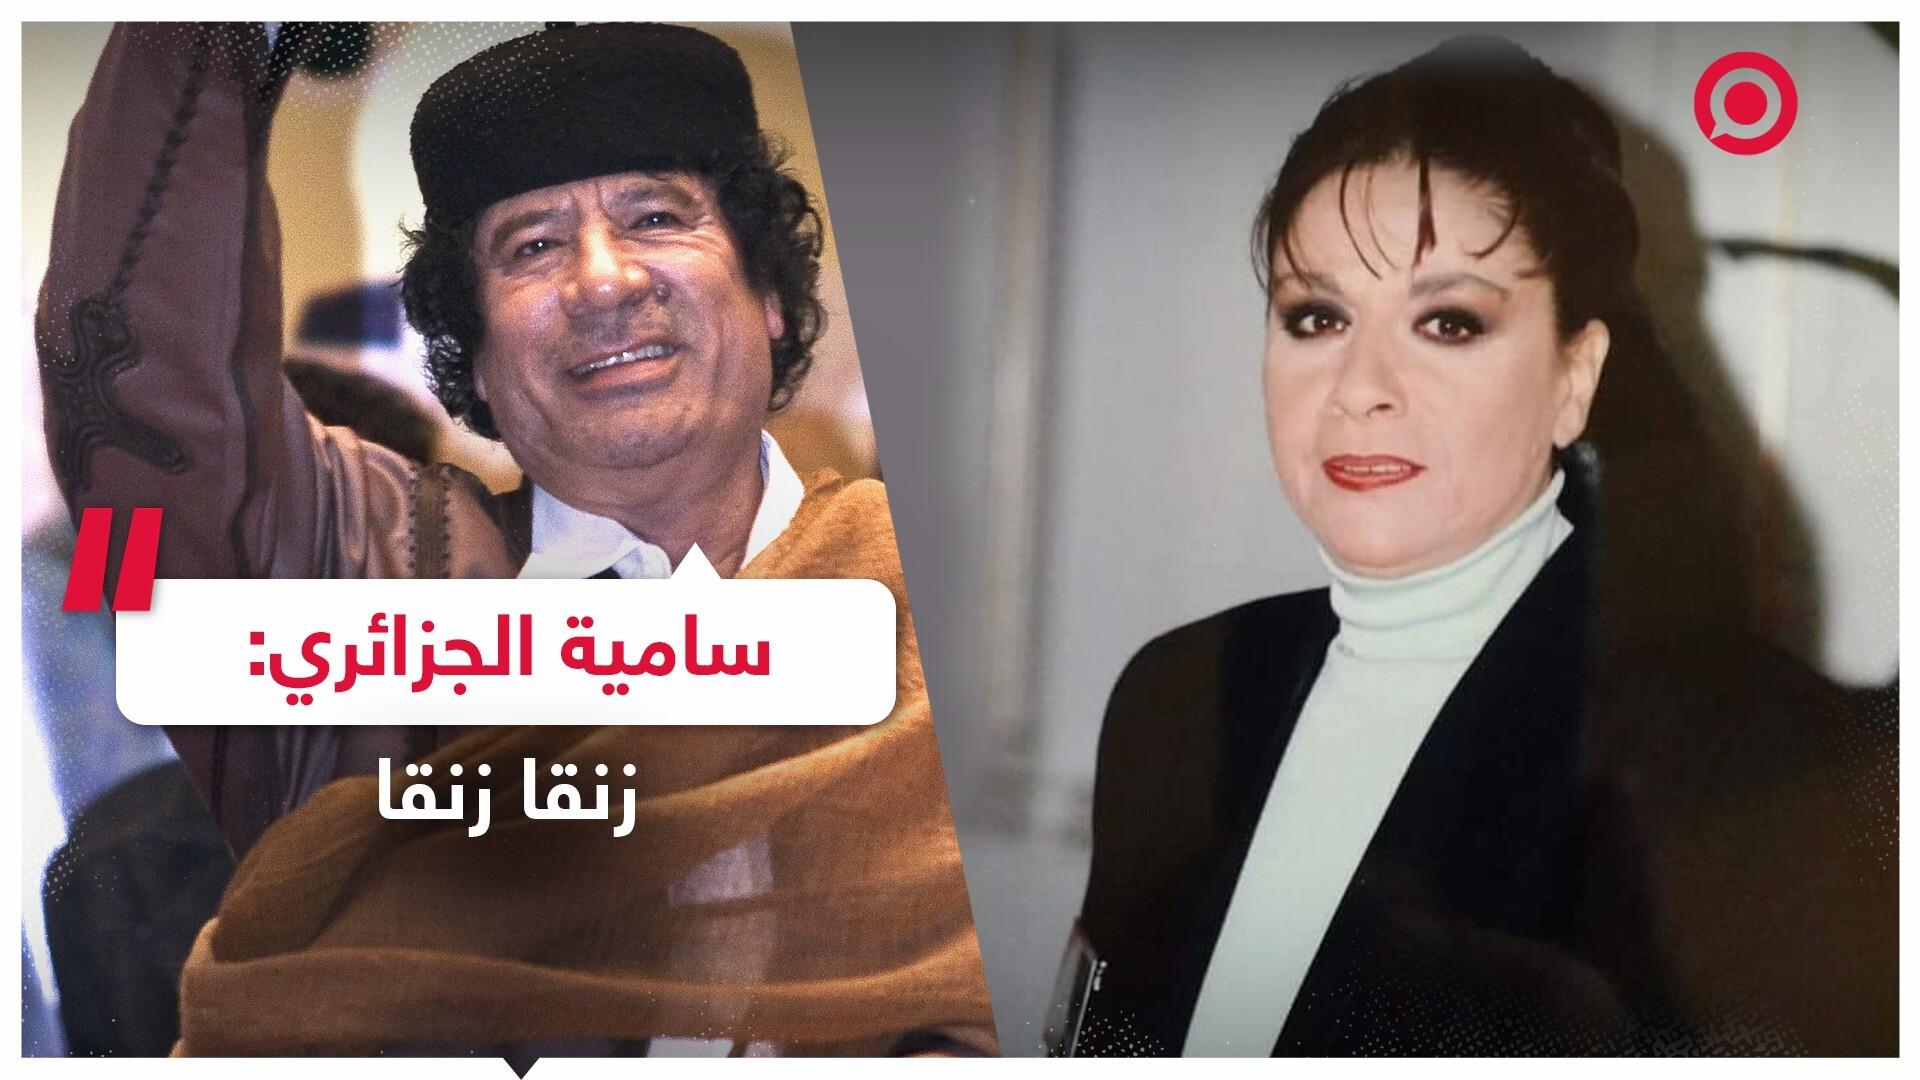 الممثلة السورية سامية الجزائري تختم رسالة صوتية لمتابعيها بكلمات للقذافي